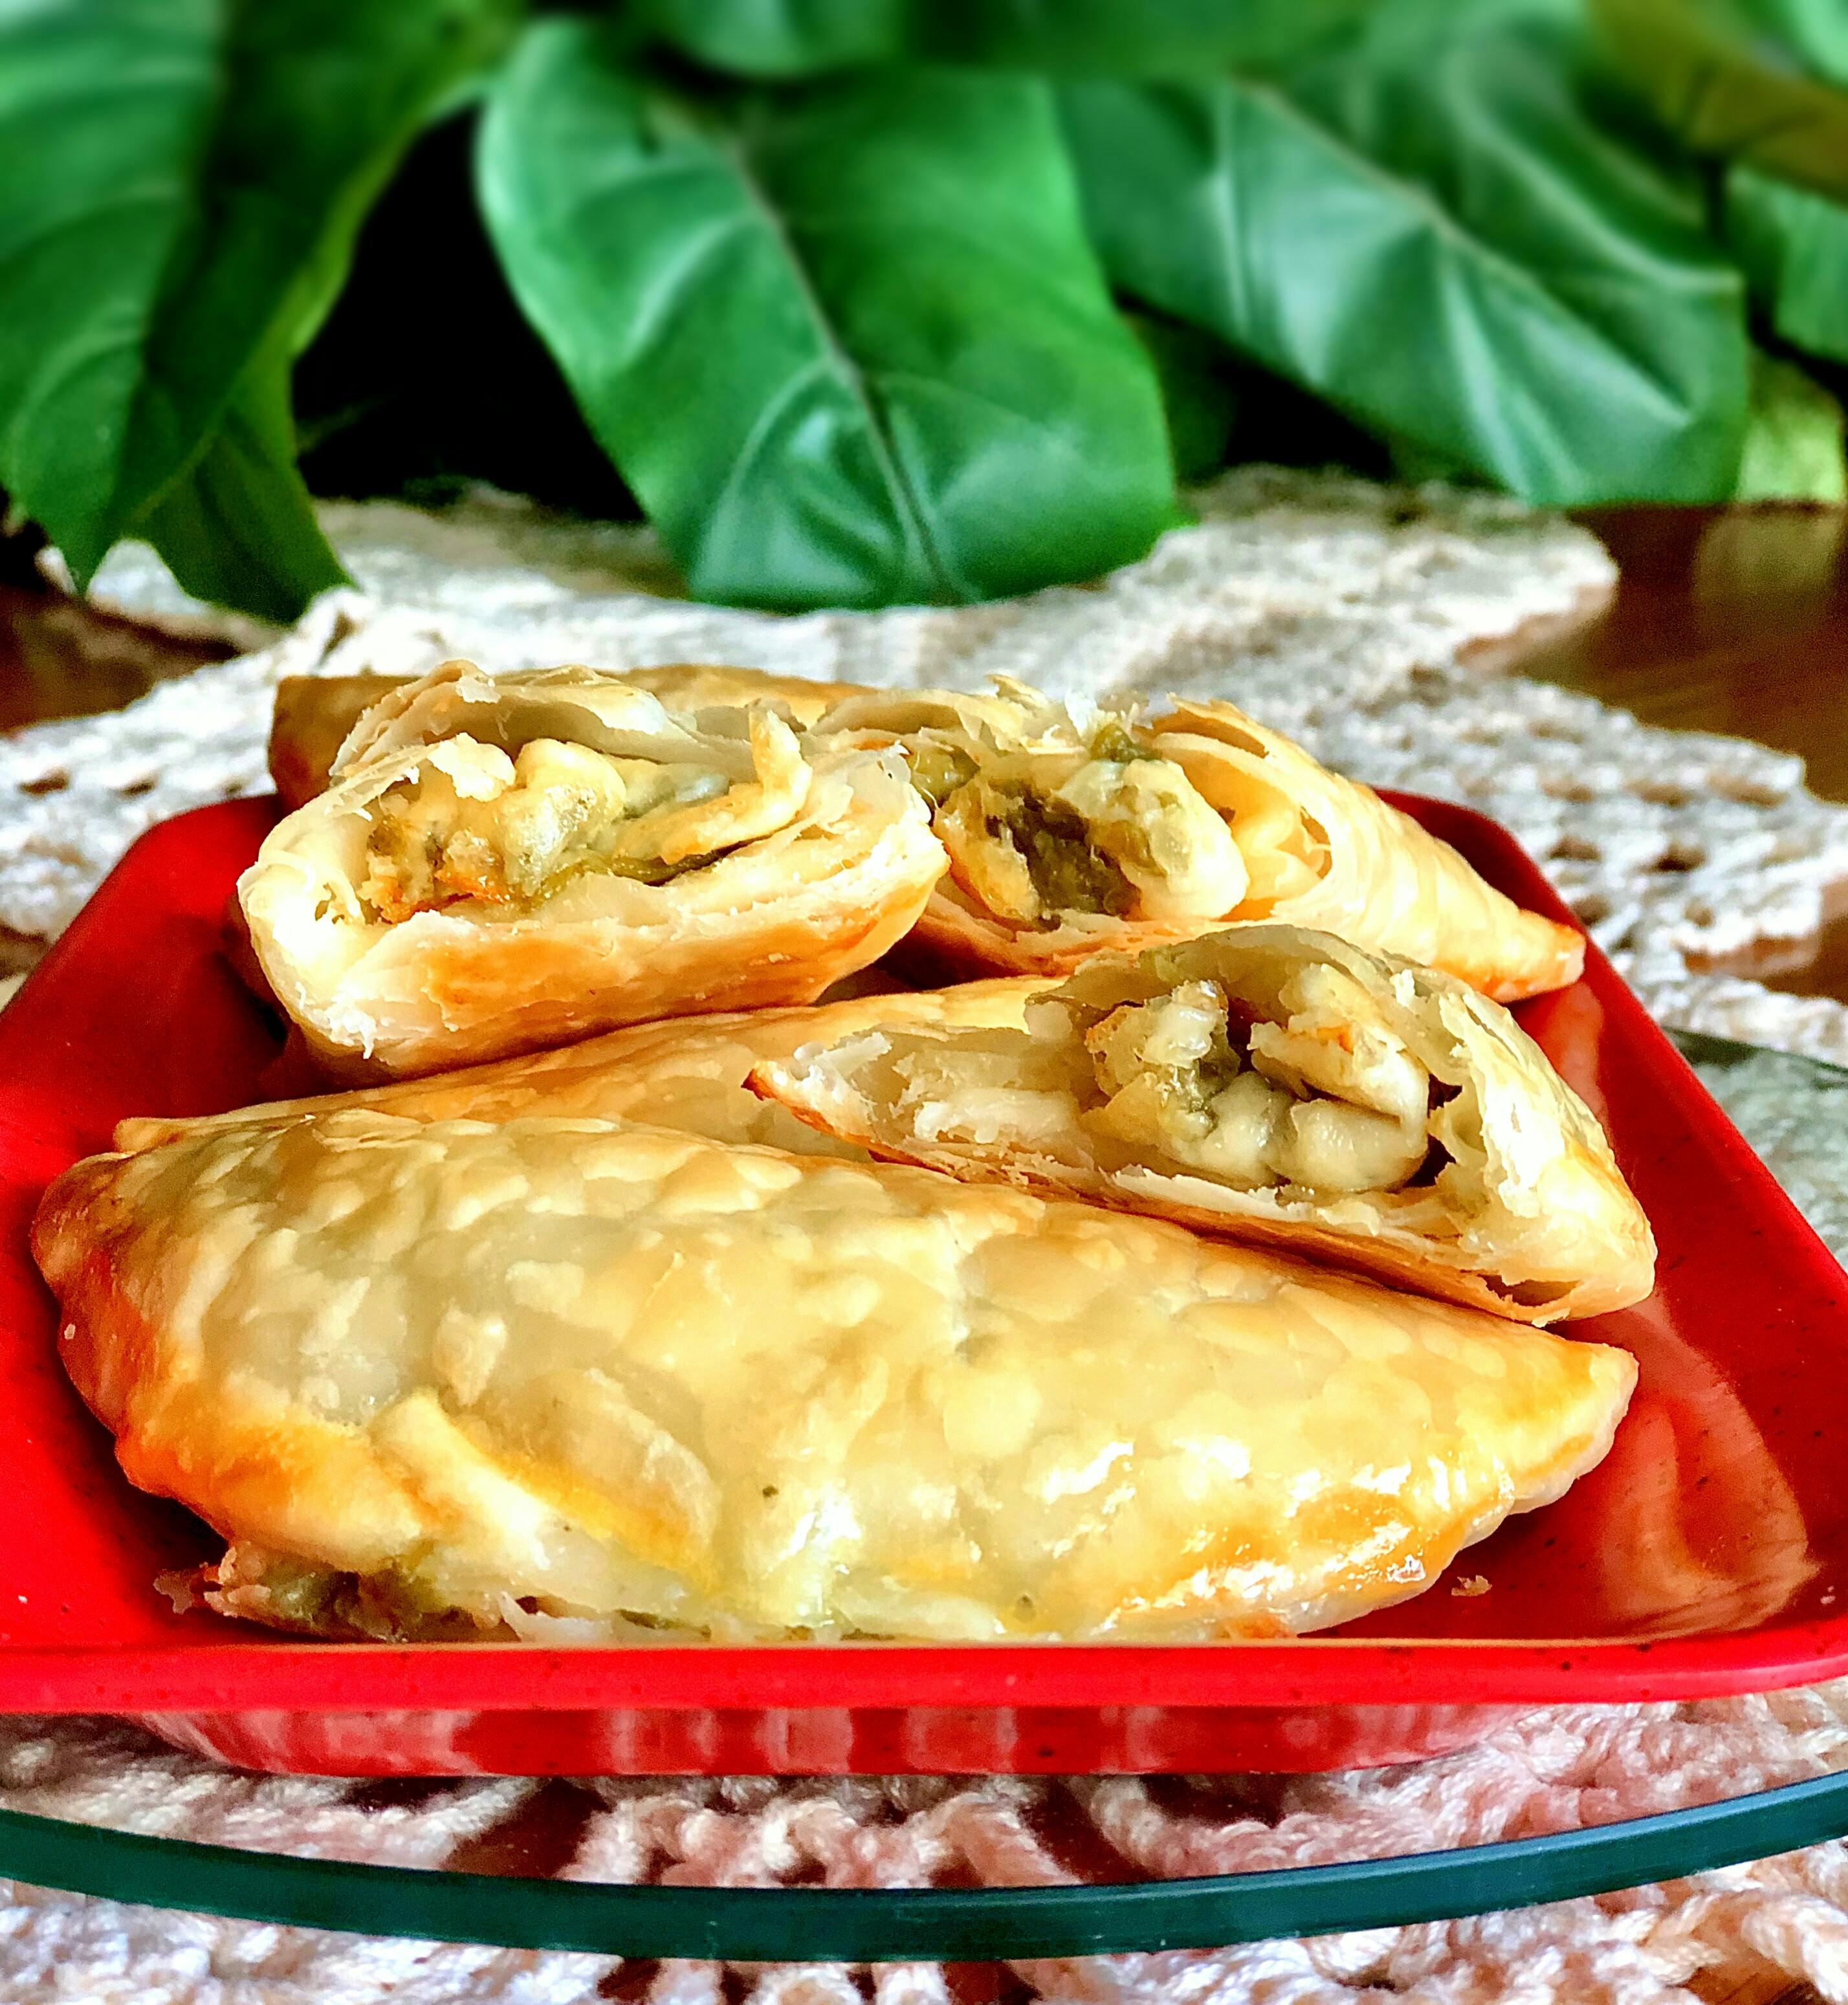 Empanadas de Queso con Rajas (Poblano Chile and Cheese Empanadas)